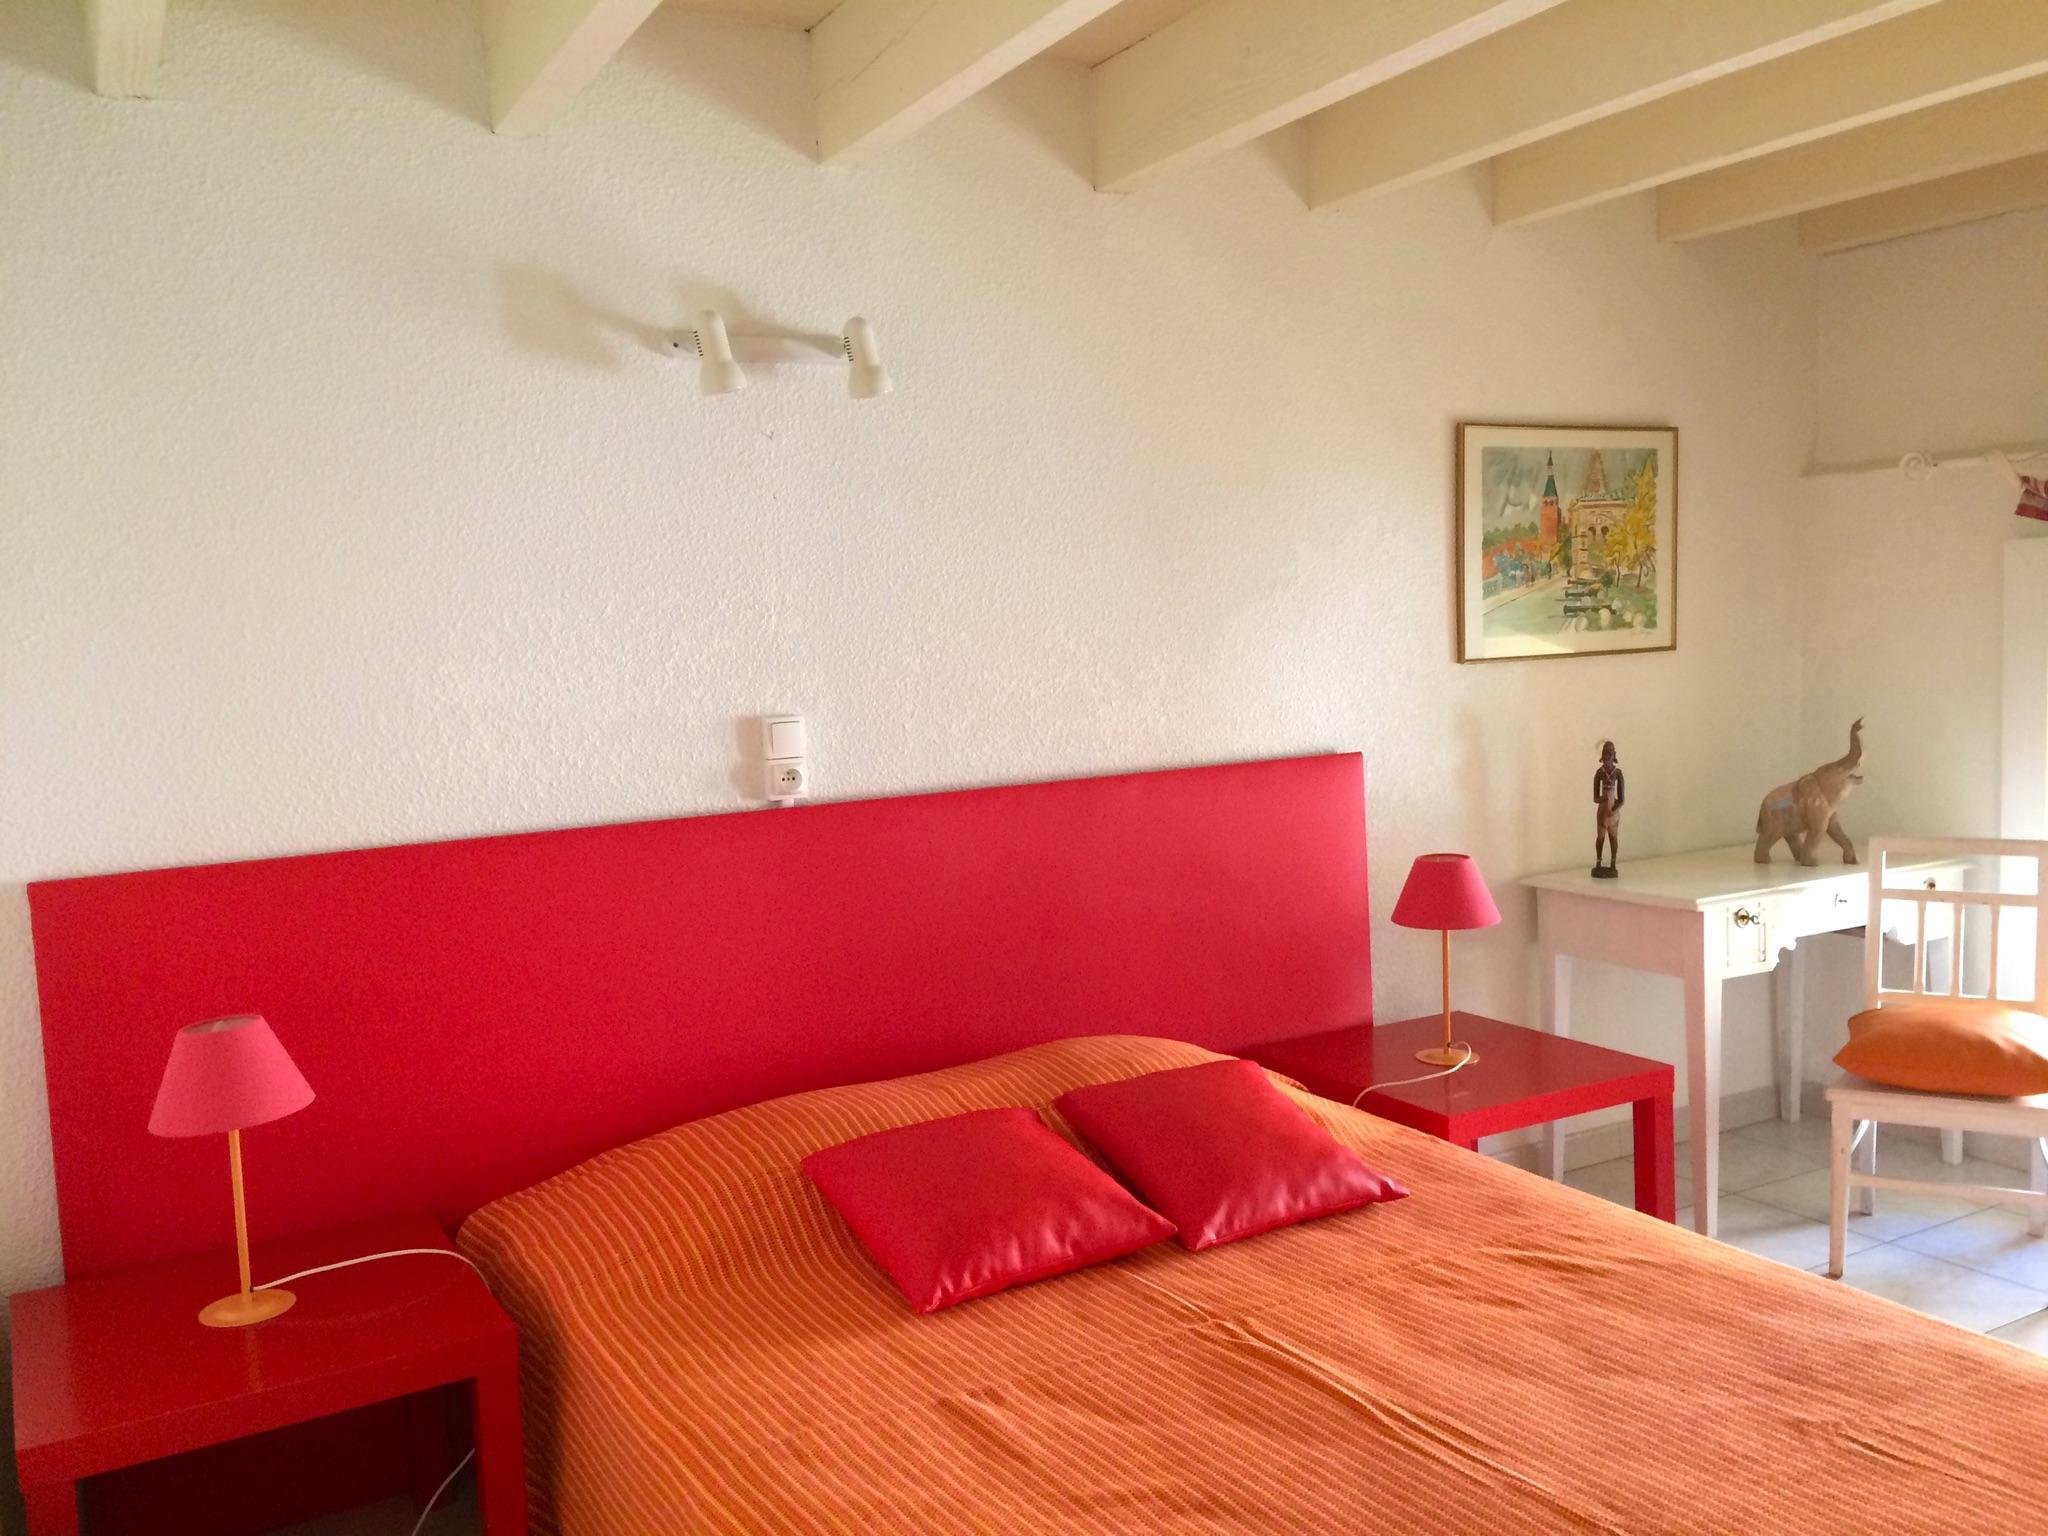 Ferienhaus Charaktervolles Haus in Hérault mit Pool und Garten (2201003), Portiragnes, Mittelmeerküste Hérault, Languedoc-Roussillon, Frankreich, Bild 14